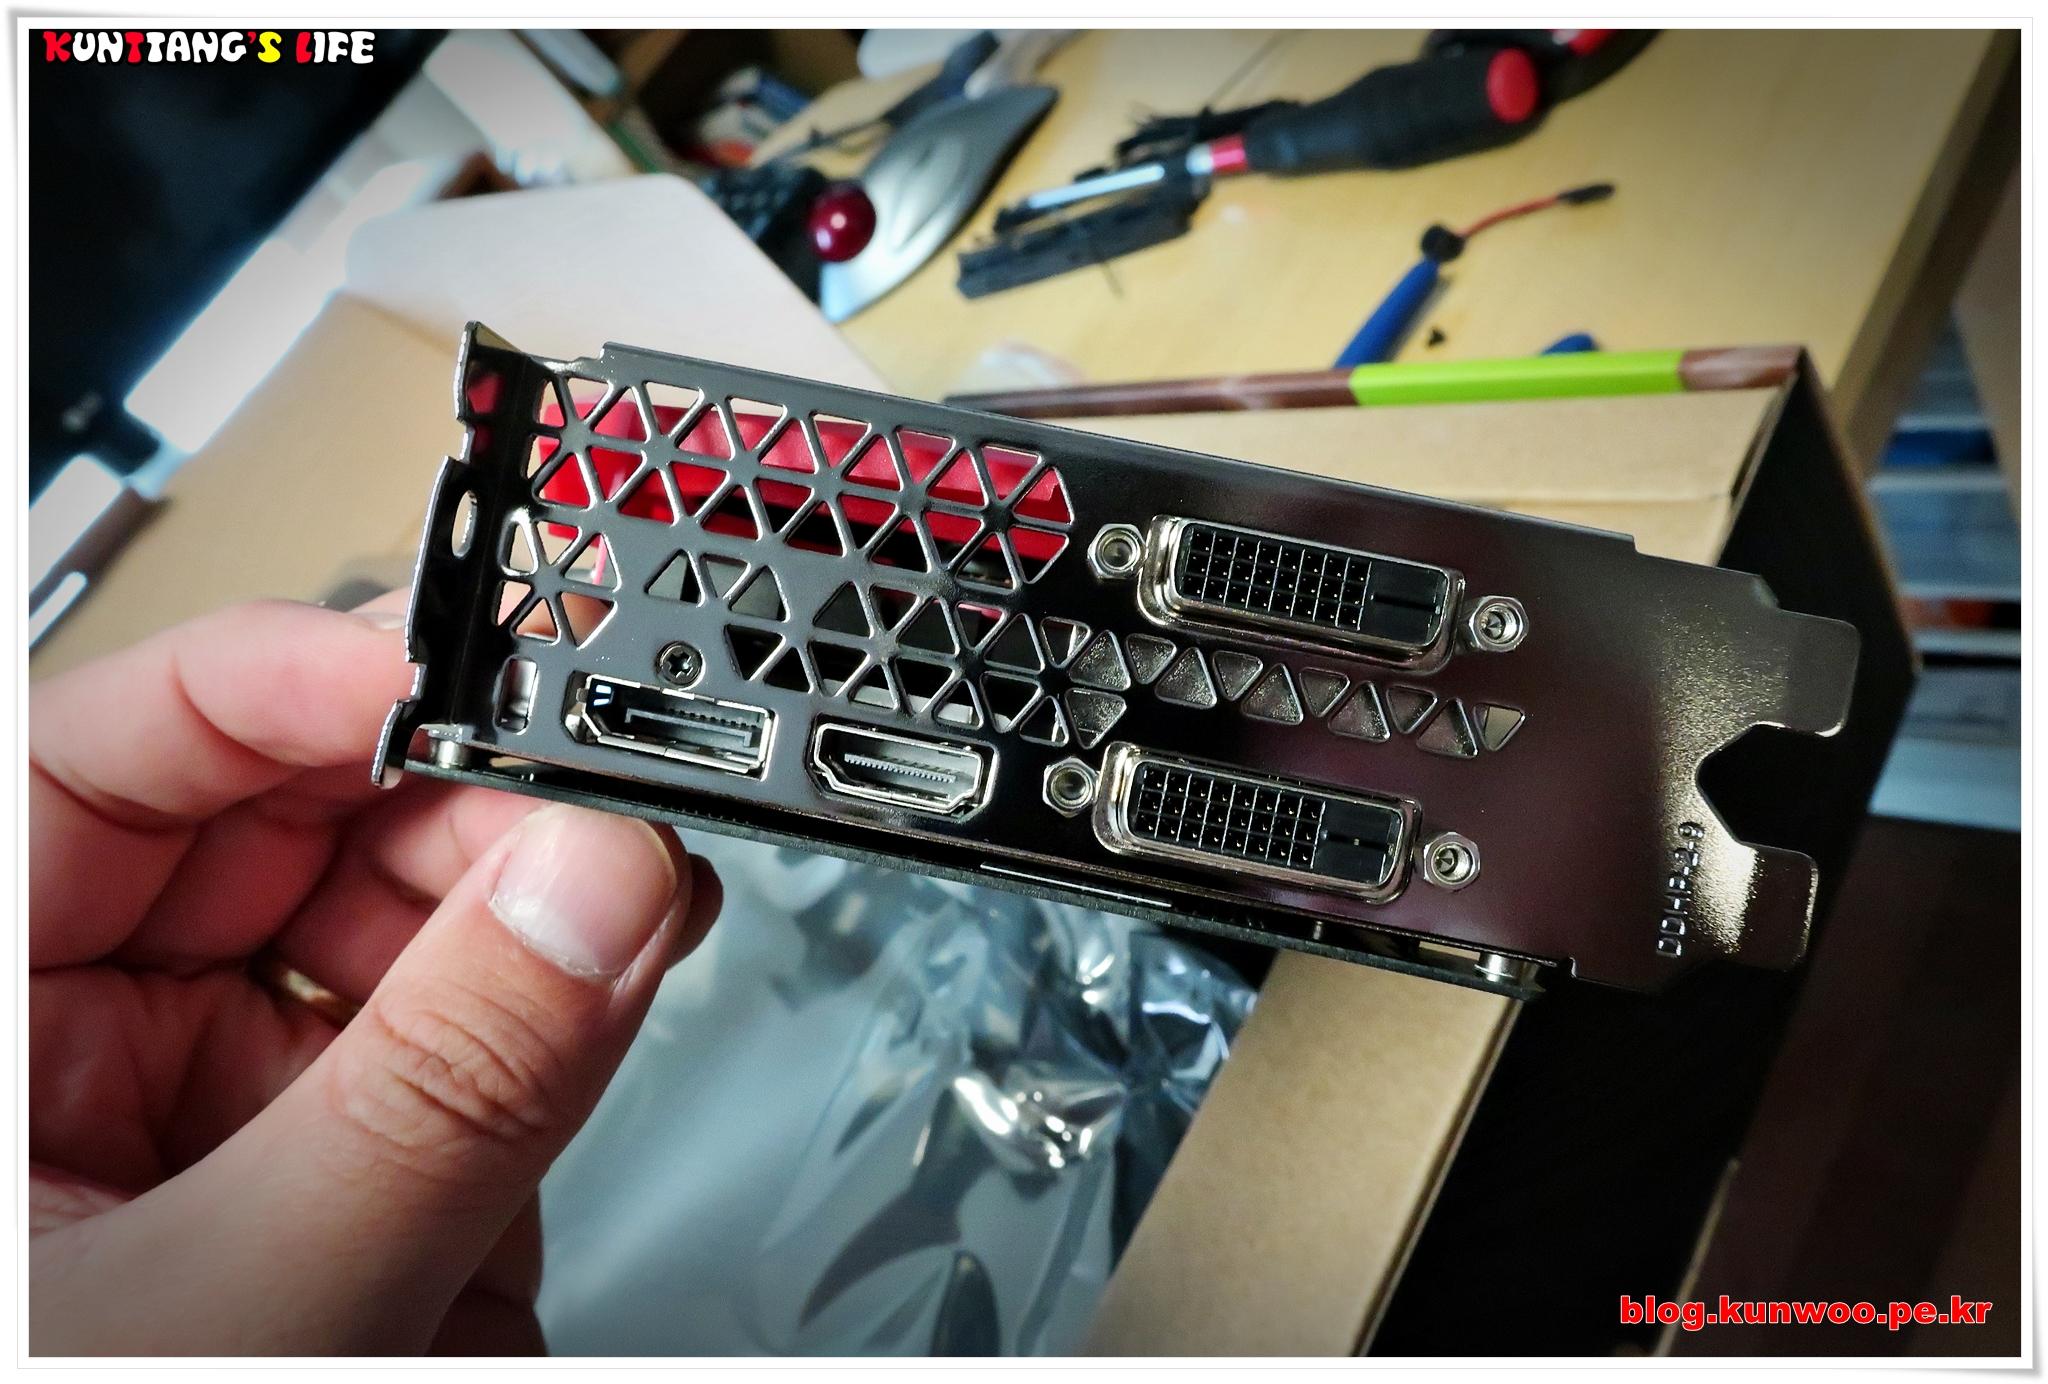 [그림14] Colorful Geforce GTX1060 토마호크 OC D5 3GB 디스플레이 출력포트